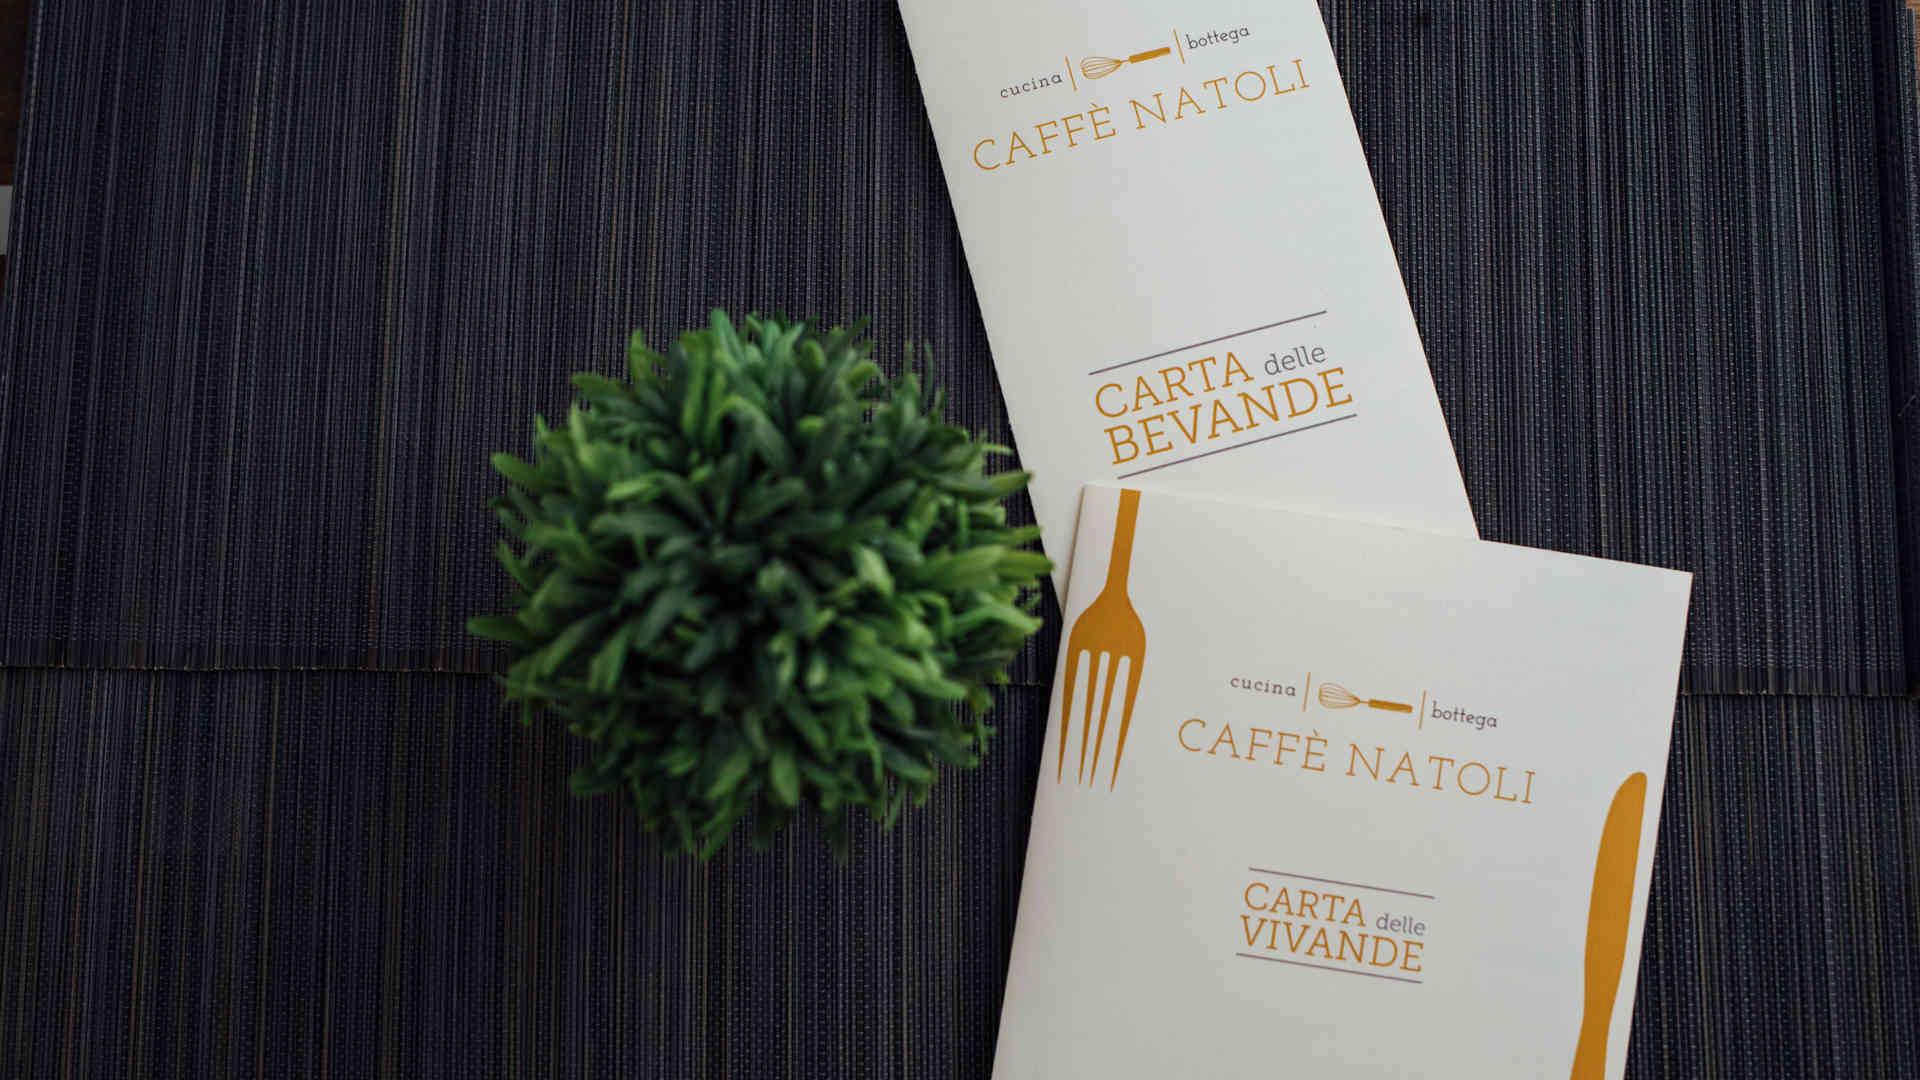 menu Palazzo Natoli Exclusive Rooms - palazzonatoli.com